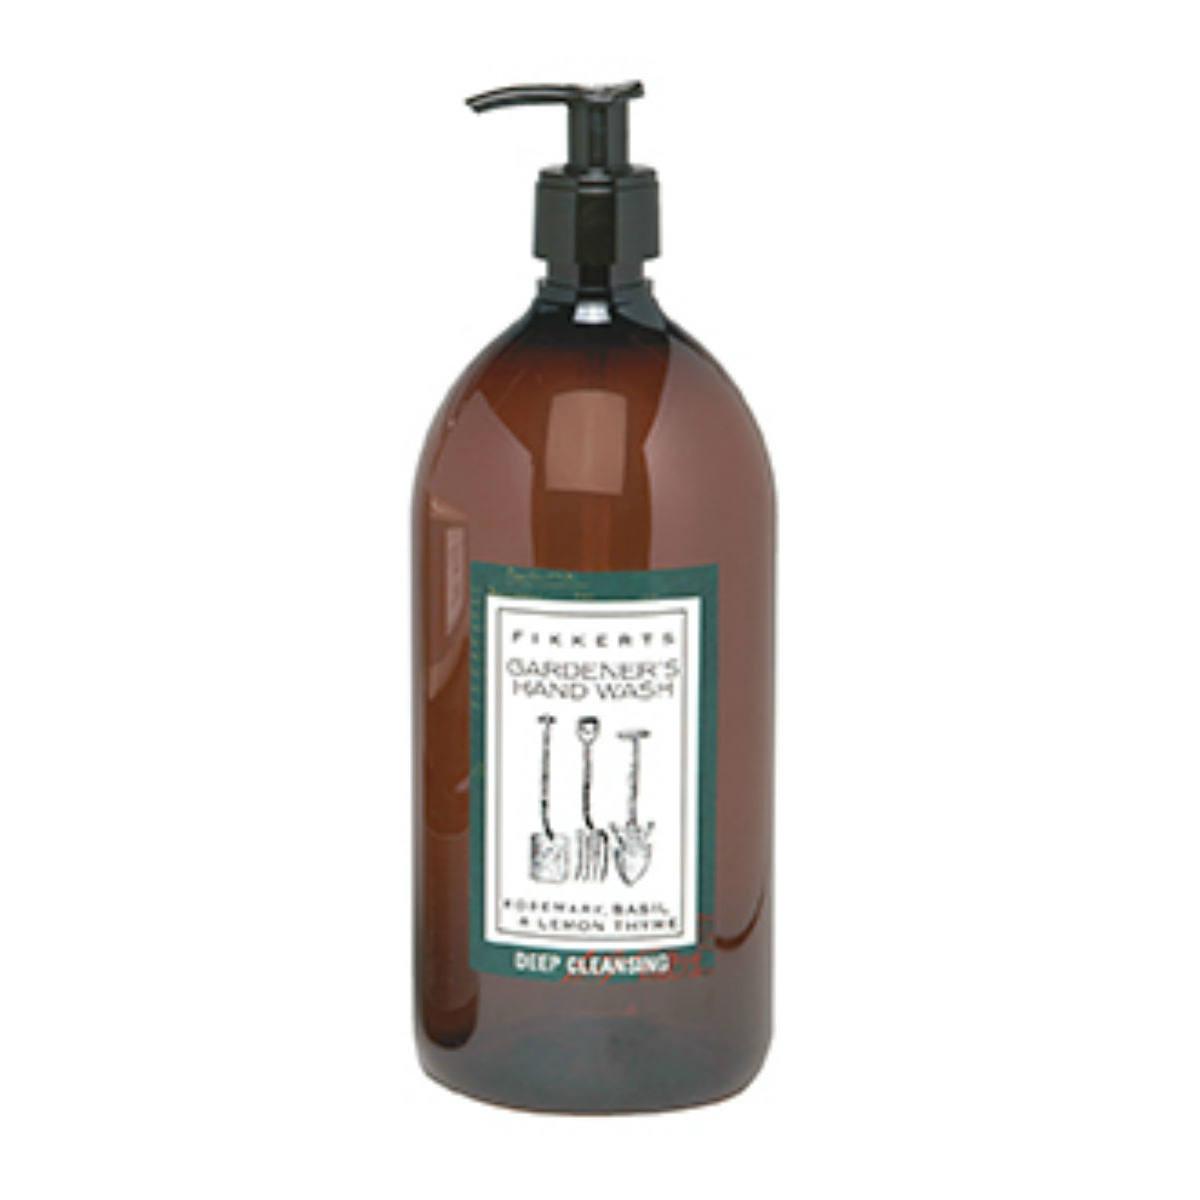 Fikkerts Gardener soap